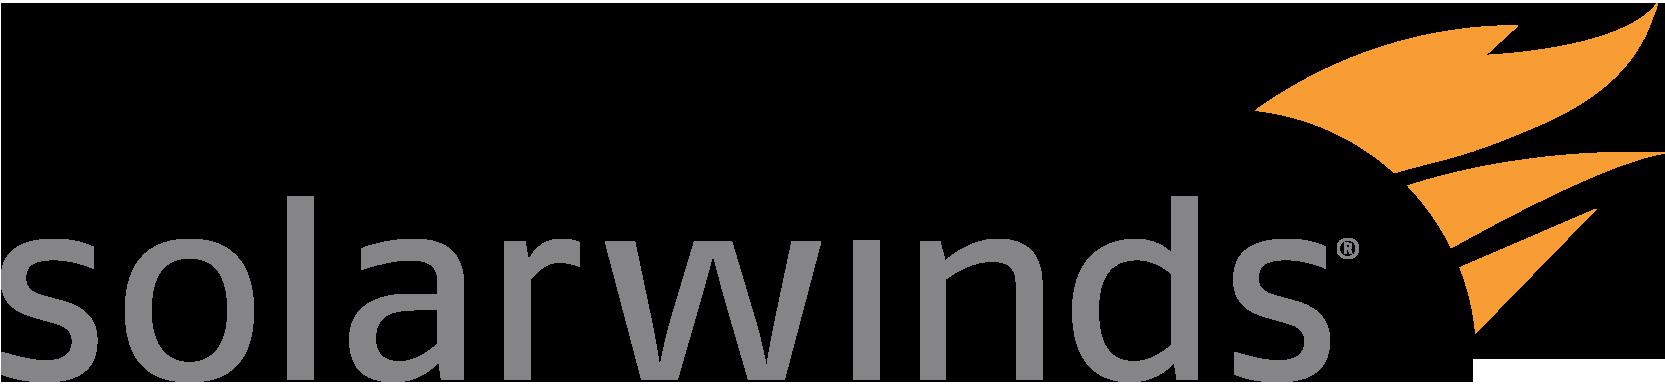 solarwinds - Lipiec - miesiąc zrozwiązaniami SIEM orazData Loss Prevention - webinaria Net Complex - netcomplex